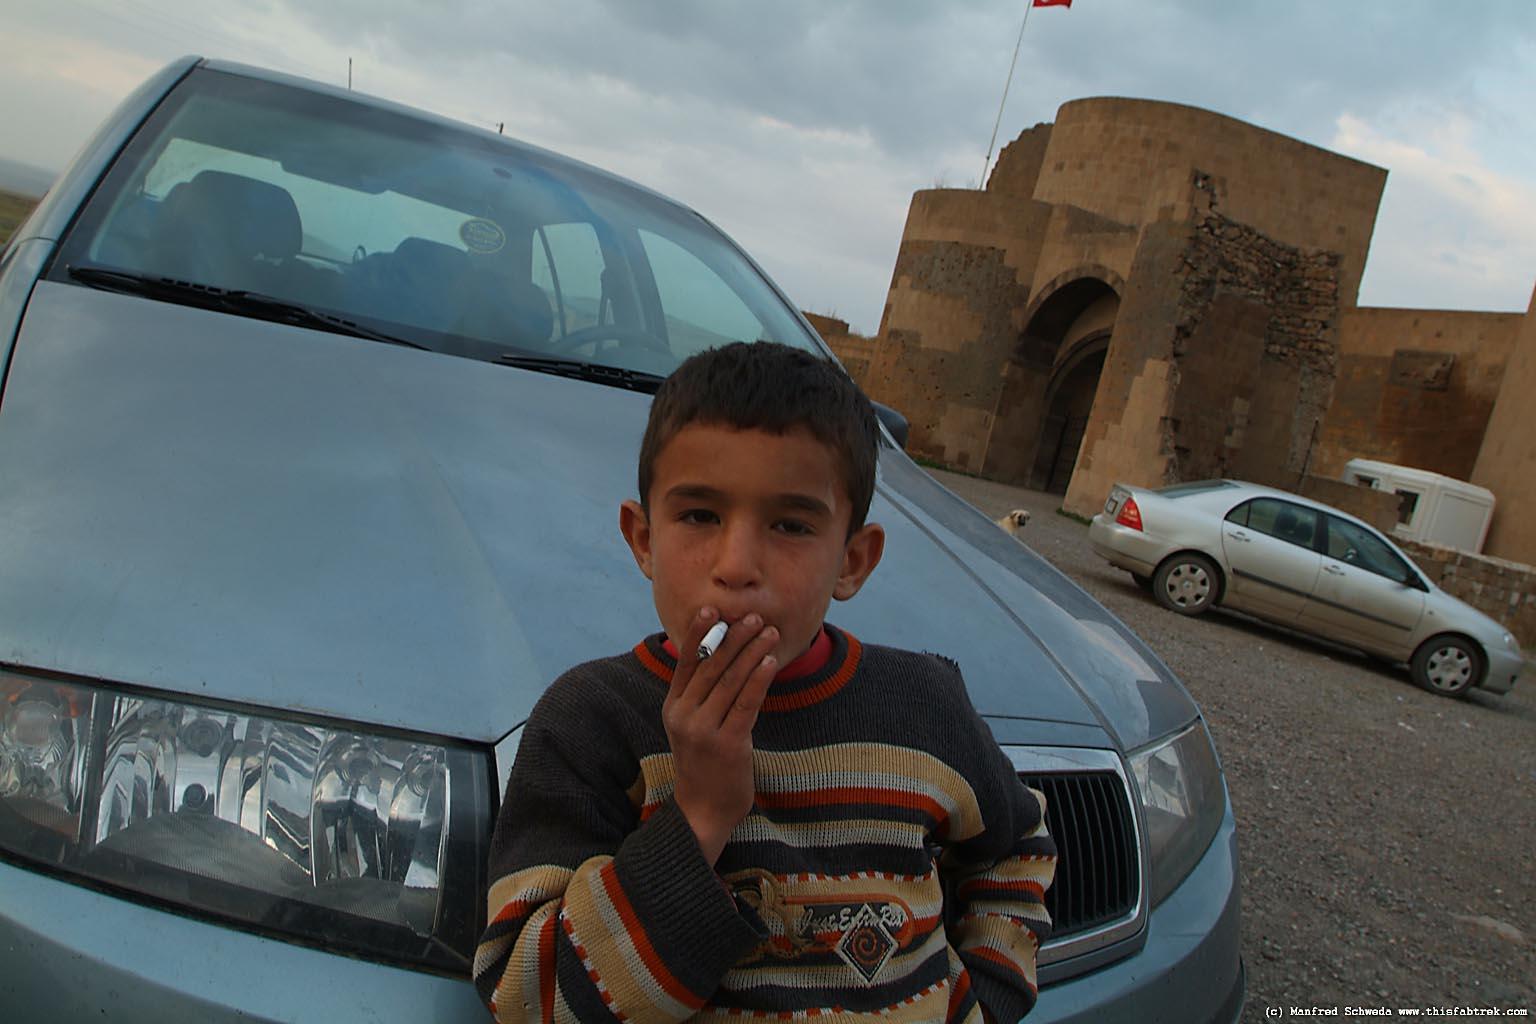 19222d1286129912-mohammed-karikaturen-mohammed-cartoons-child-smokes-ani-4.jpg